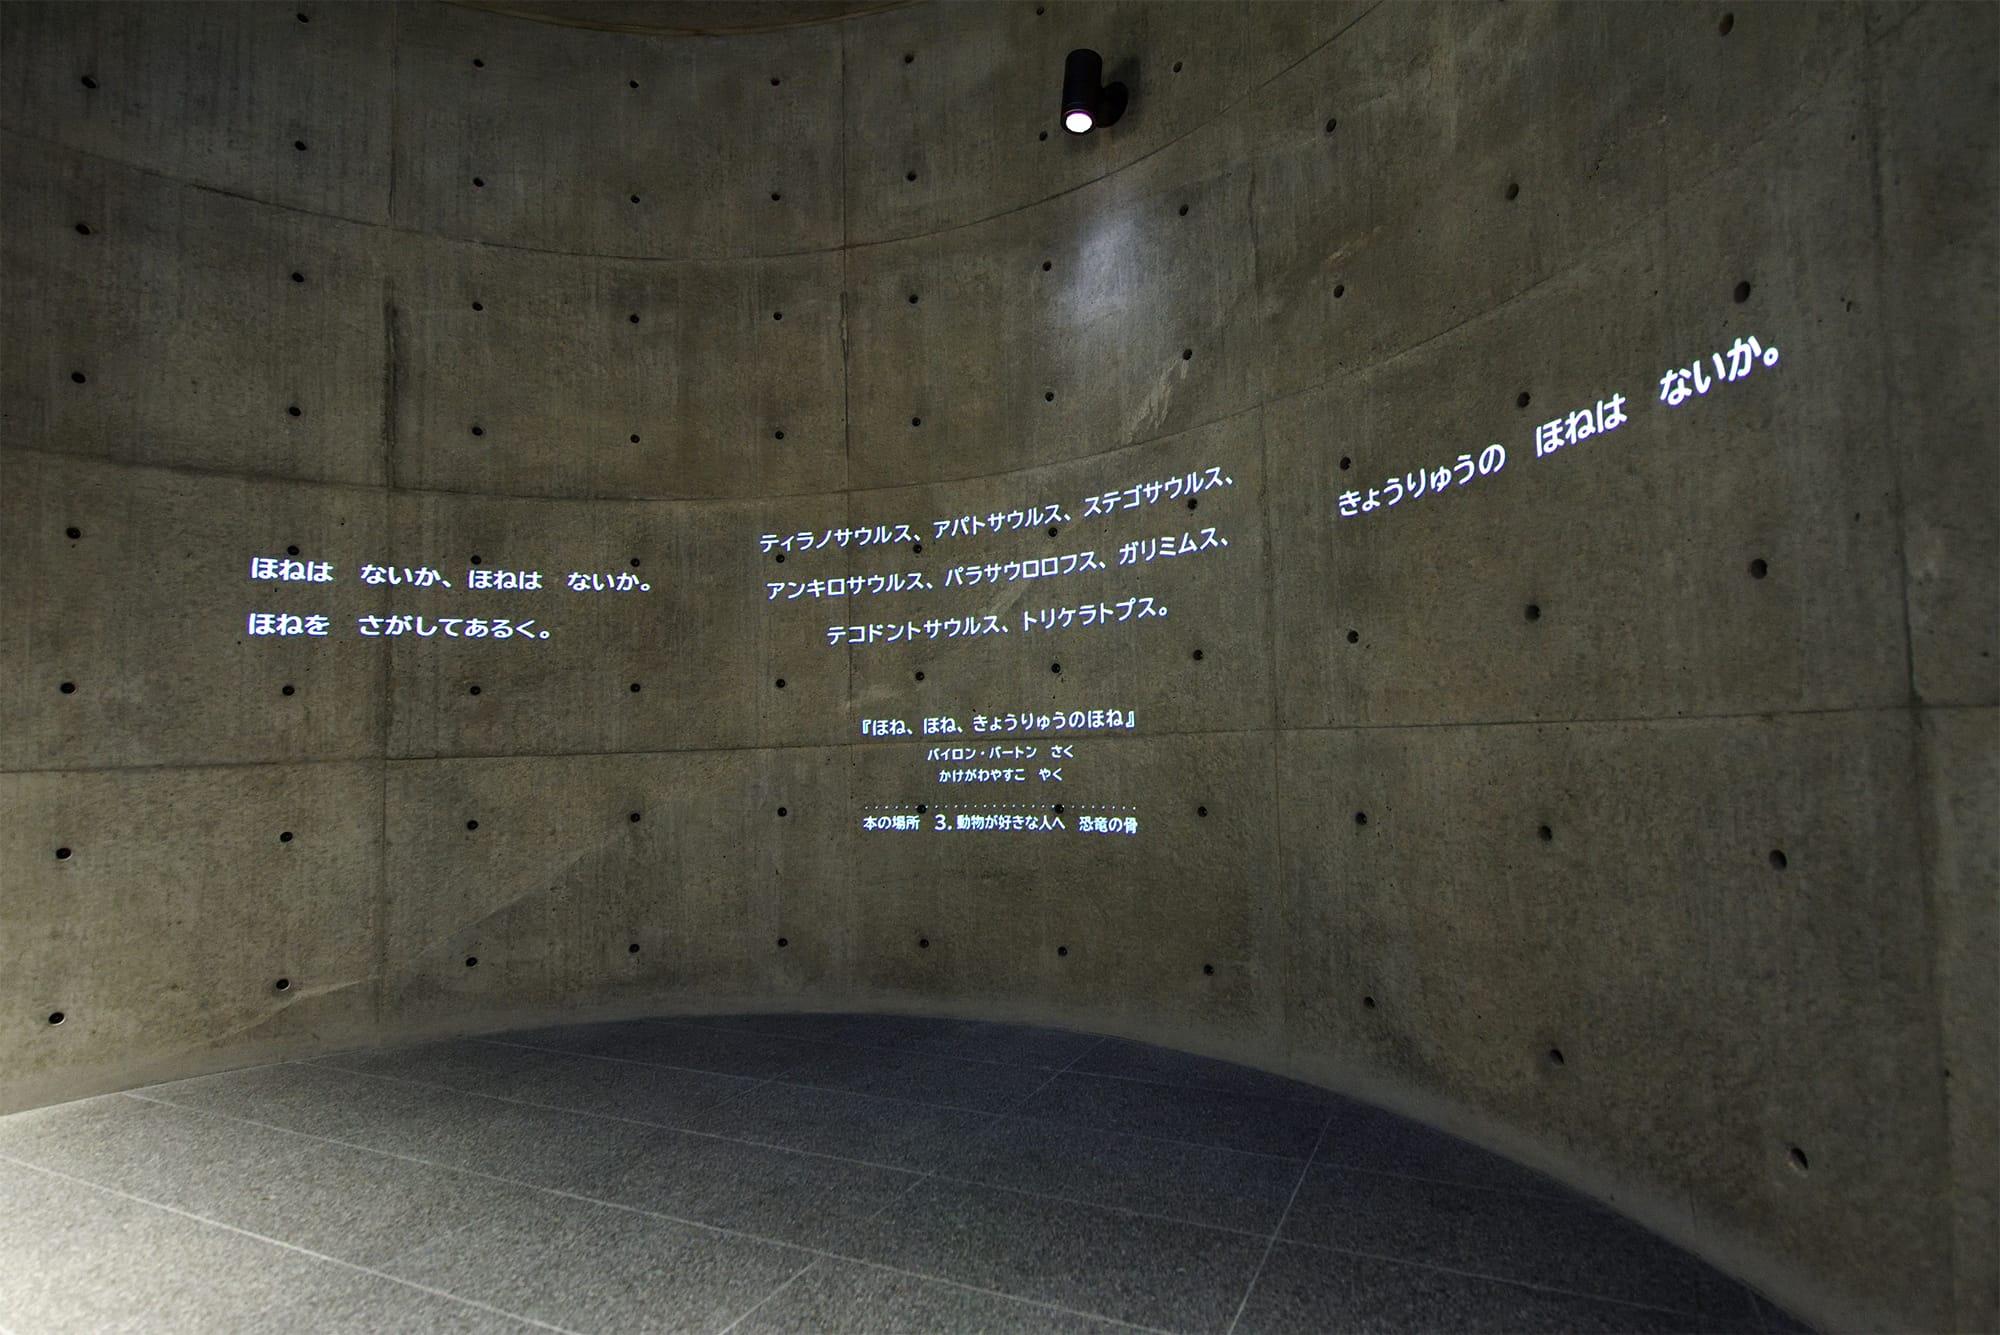 薄暗い円筒に天井から差し込む光、ときおり壁に現れる本の一節。1階の奥に広がる何もない空間は、物語の世界への扉だ。